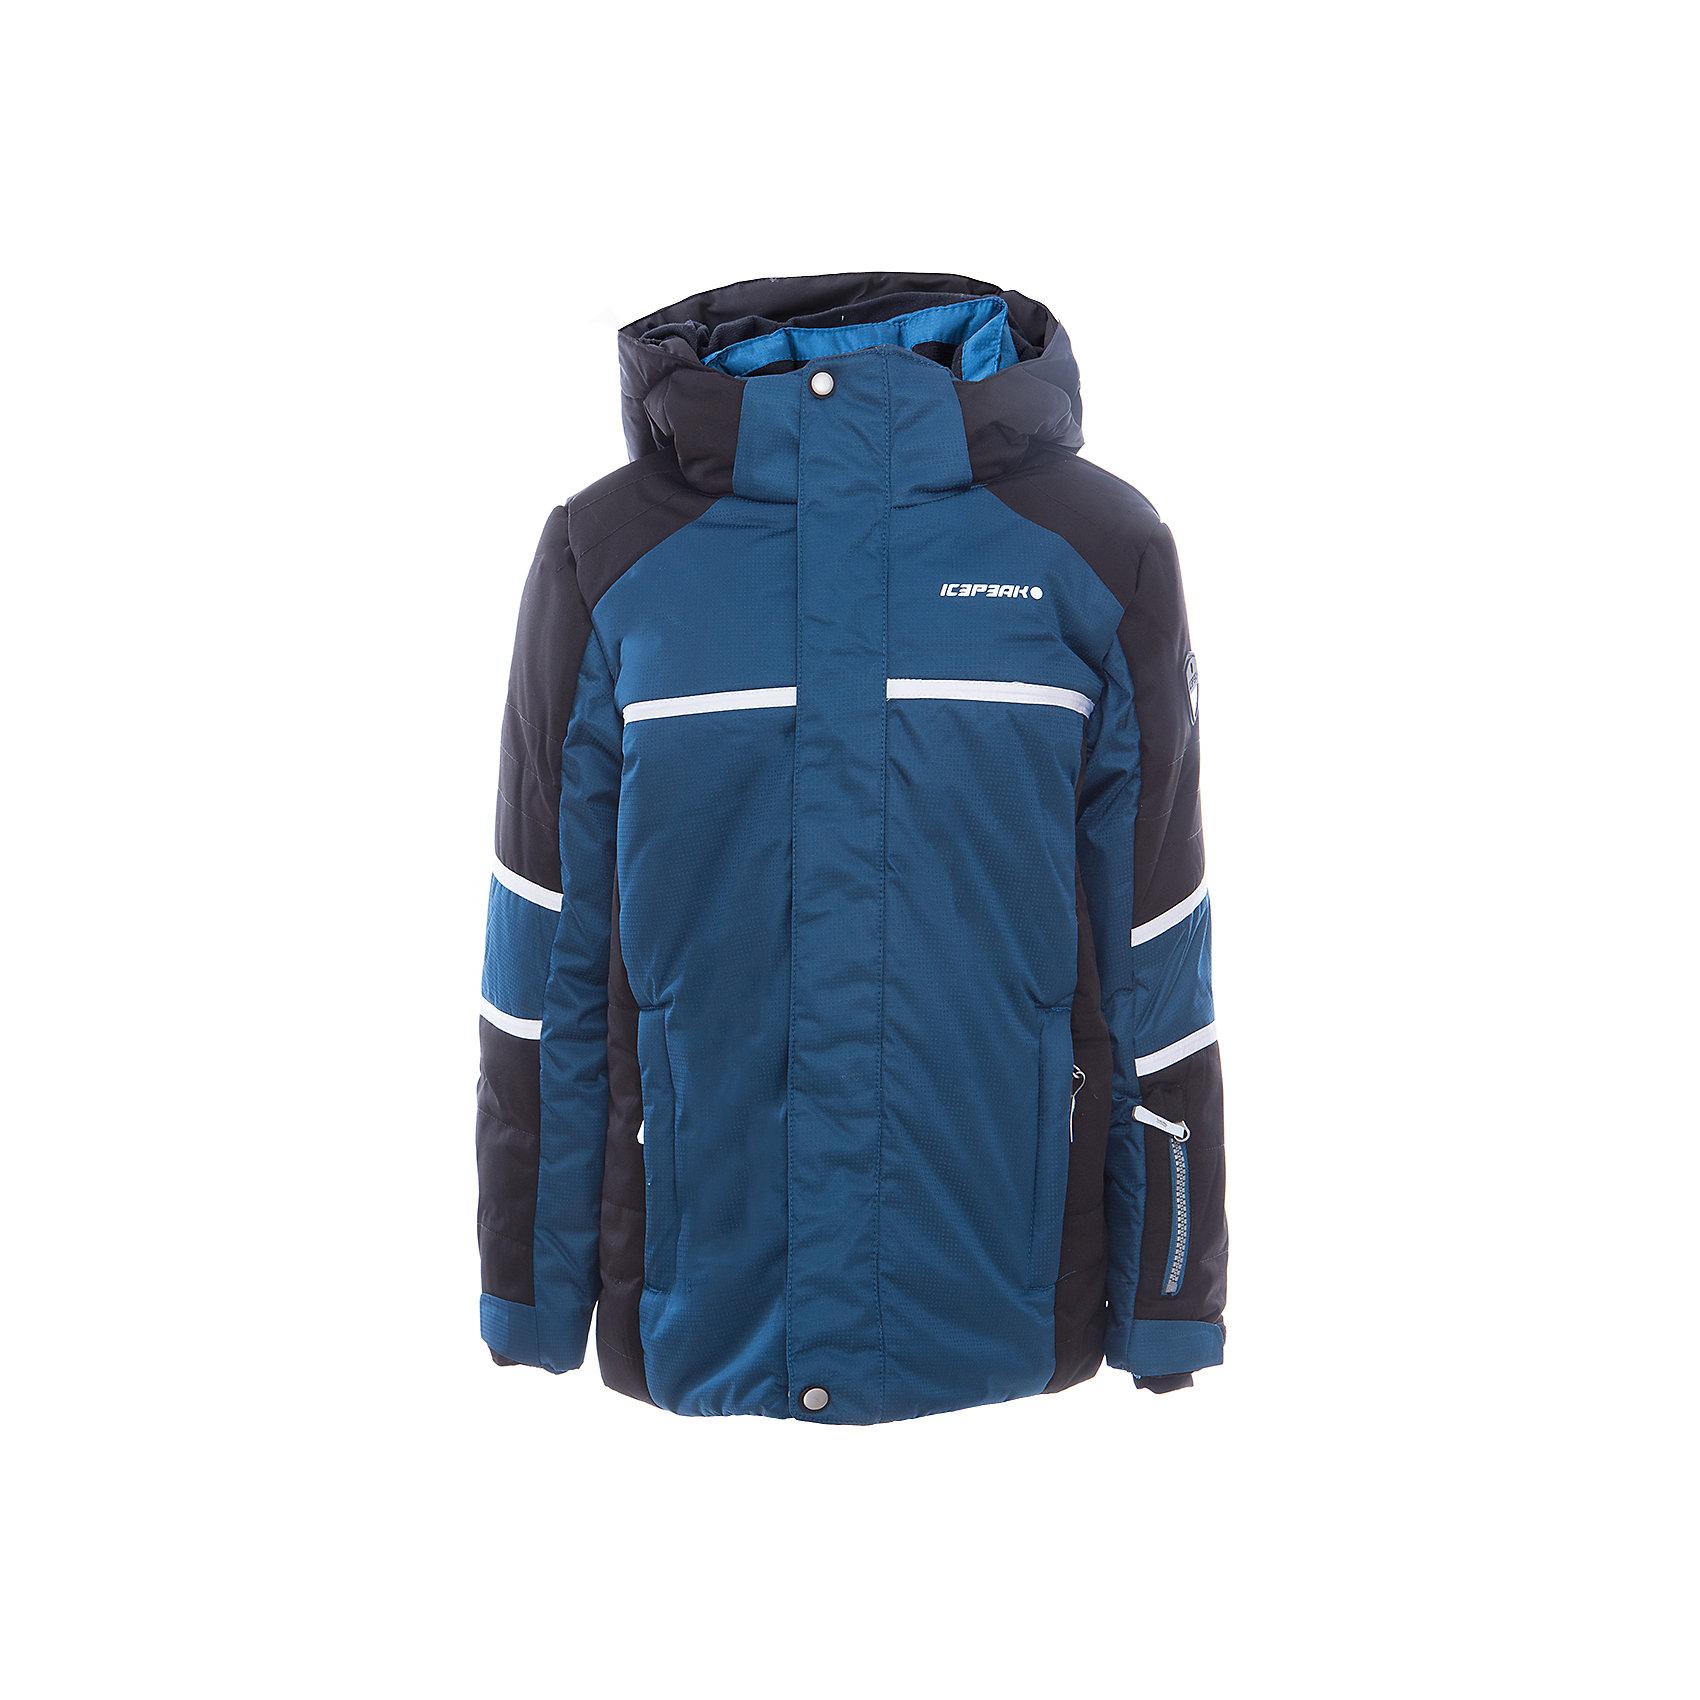 Куртка для мальчика ICEPEAKКуртка для мальчика от известного бренда ICEPEAK.<br>Куртка с отстегивающимся капюшоном, молния закрыта планкой, сформированный локоть, утяжка в нижней части куртки, снегозащитная юбка, регулируемый манжет на липучке, эластичный внутренний манжет с прорезью для пальца, утепленные и мягкие боковые карманы на молнии, карман для ski pass, мягкий и теплый внутренний воротник, светоотражающие элементы, утеплитель искусственный пух Finnwad, утепление 190/110 гр., рекомендуемый температурный режим до -25 град.<br>Состав:<br>100% полиэстер<br><br>Ширина мм: 356<br>Глубина мм: 10<br>Высота мм: 245<br>Вес г: 519<br>Цвет: синий<br>Возраст от месяцев: 180<br>Возраст до месяцев: 192<br>Пол: Мужской<br>Возраст: Детский<br>Размер: 176,128,140,152,164<br>SKU: 5414015